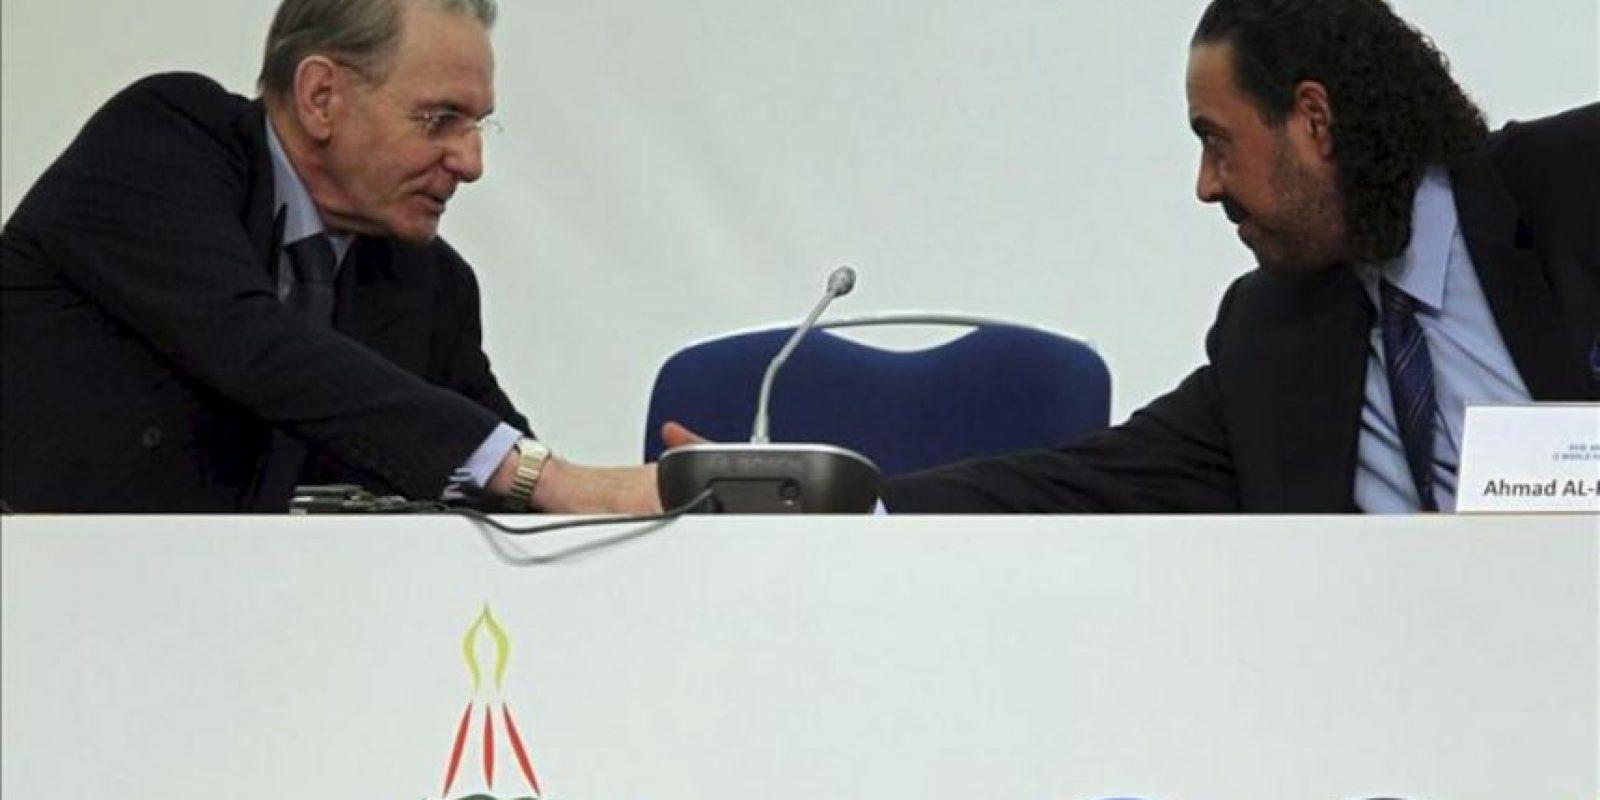 El presidente del Comité Olímpico Internacional, Jacques Rogge (i), y el nuevo presidente de la Asociación de Comités Olímpicos Nacionales (ACNO), el jeque kuwaití Ahmad Al-Fahad Al-Sabah, durante la Asamblea General de la ACNO en Moscú, Rusia. EFE